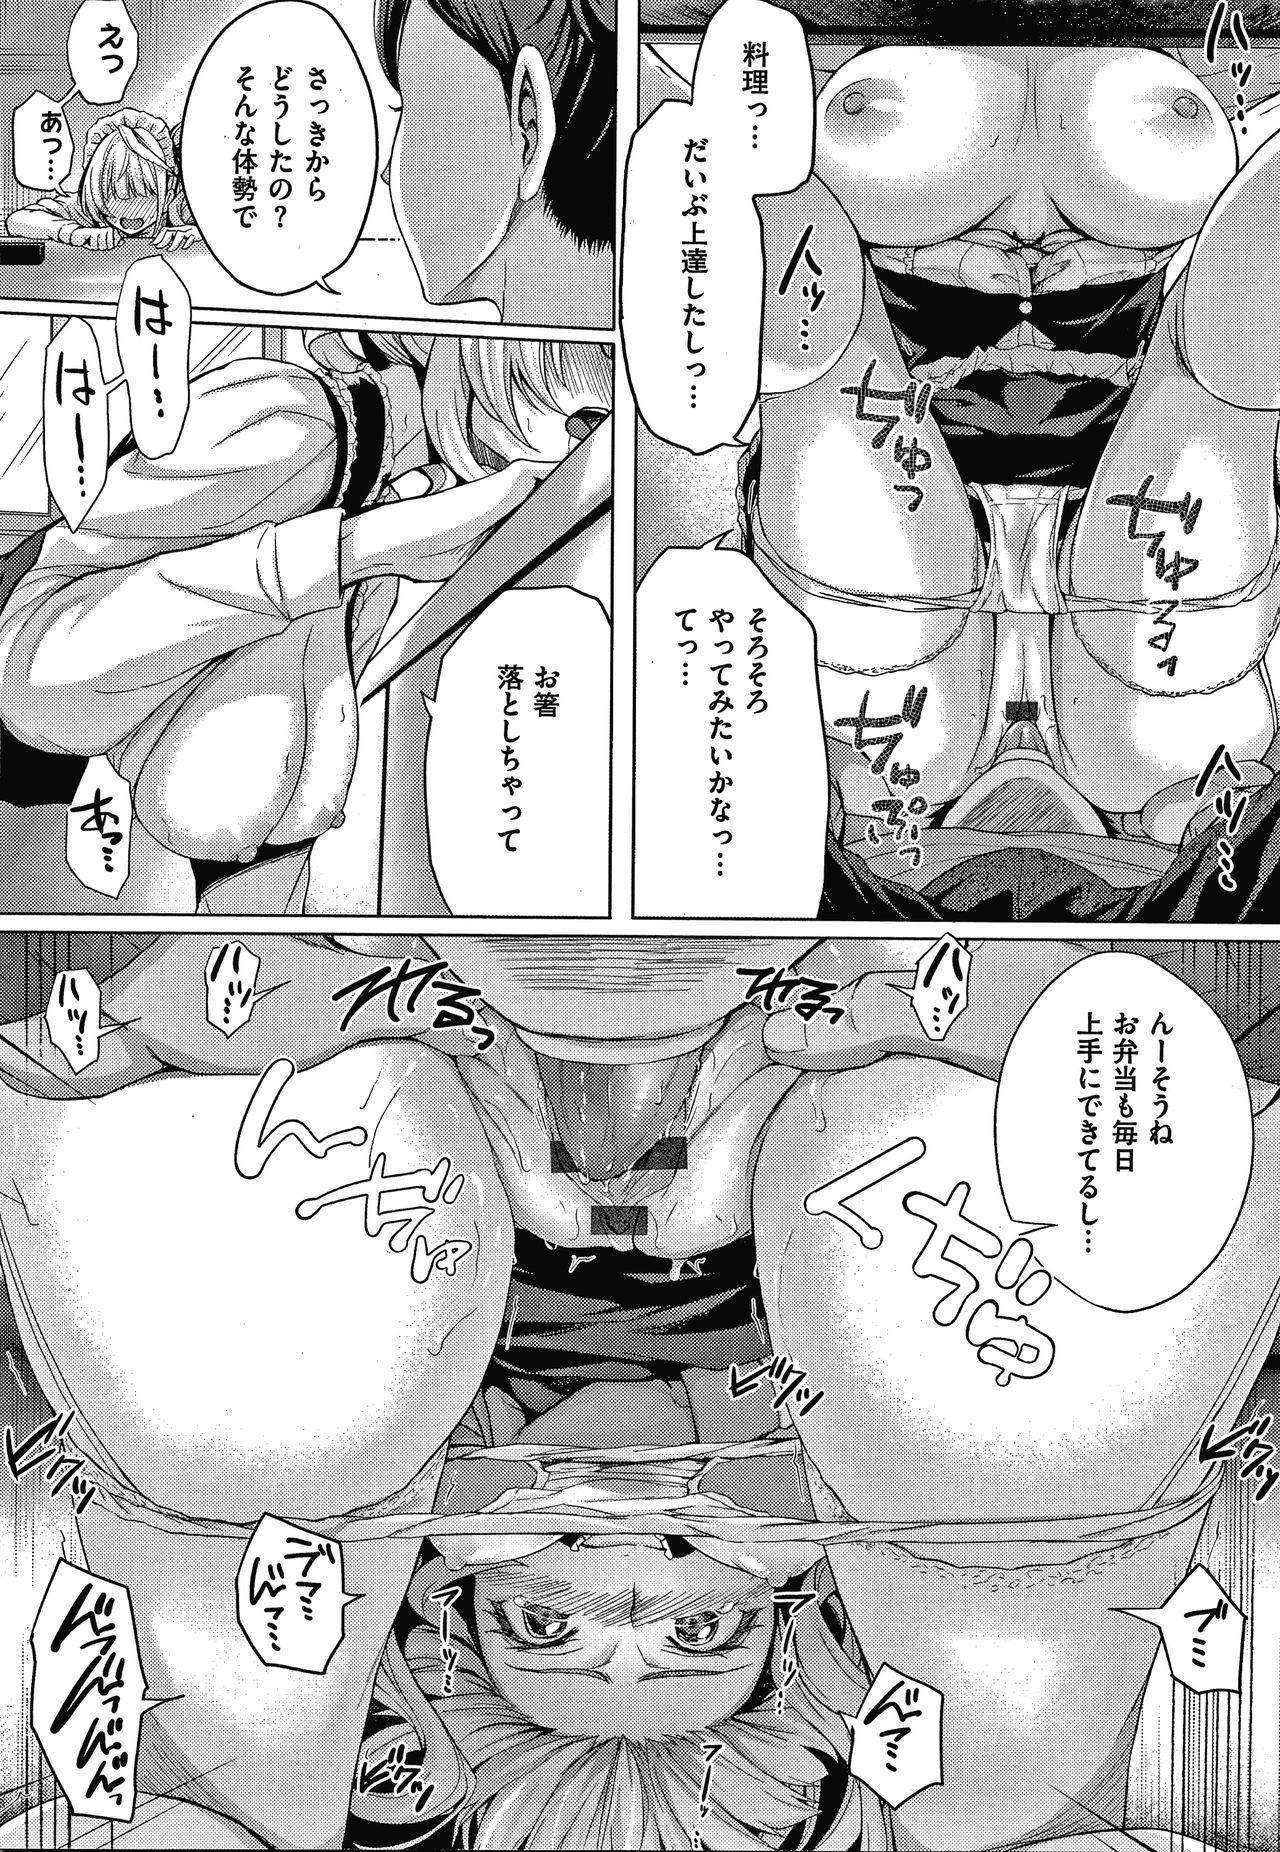 Hatsukoi Jikan 72